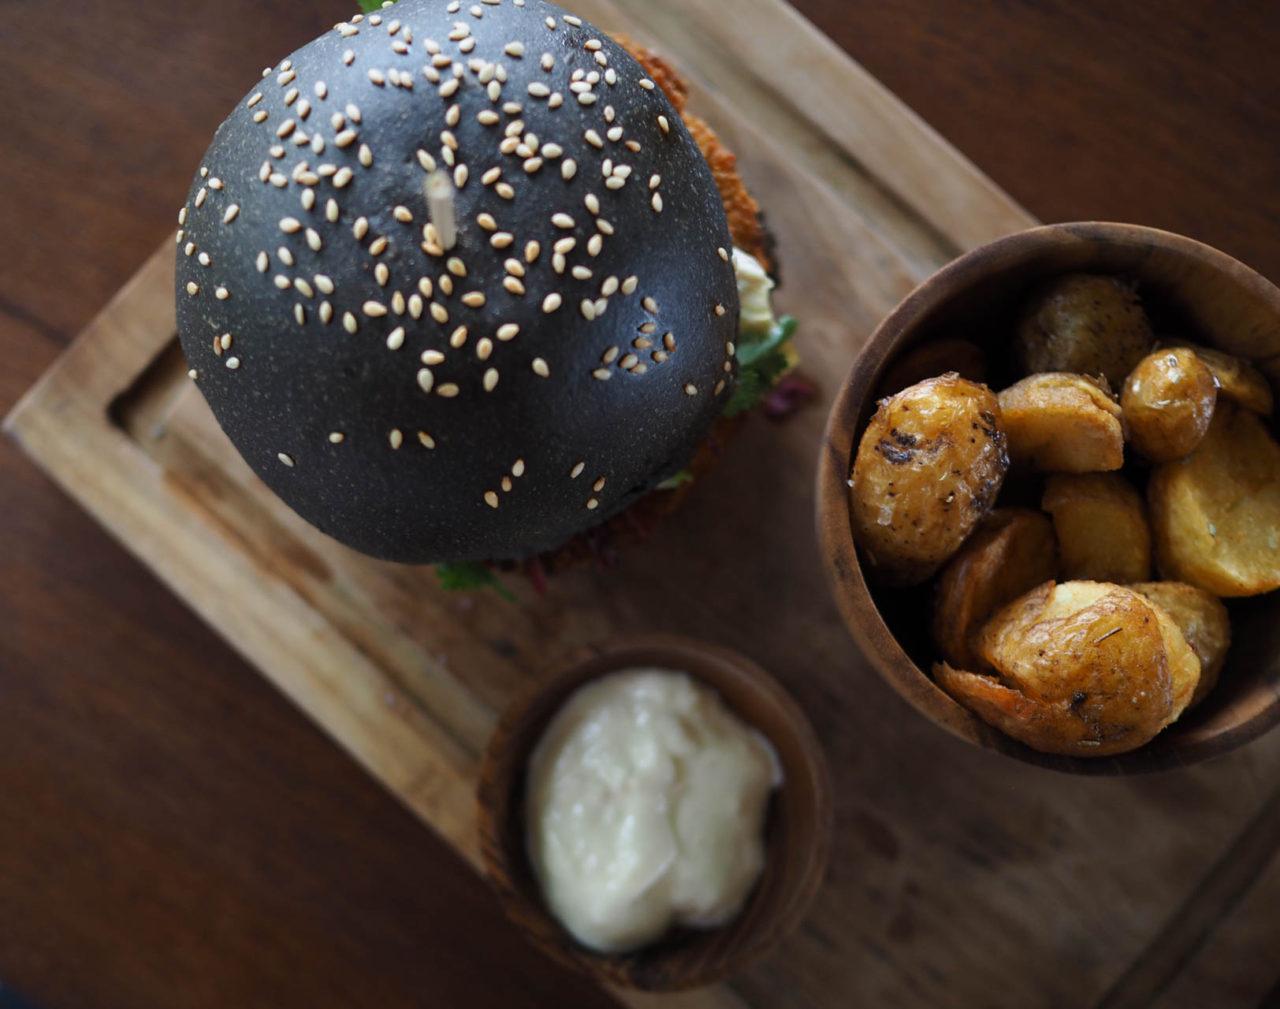 nude-vegan-burger-canggu-bali-guide-6